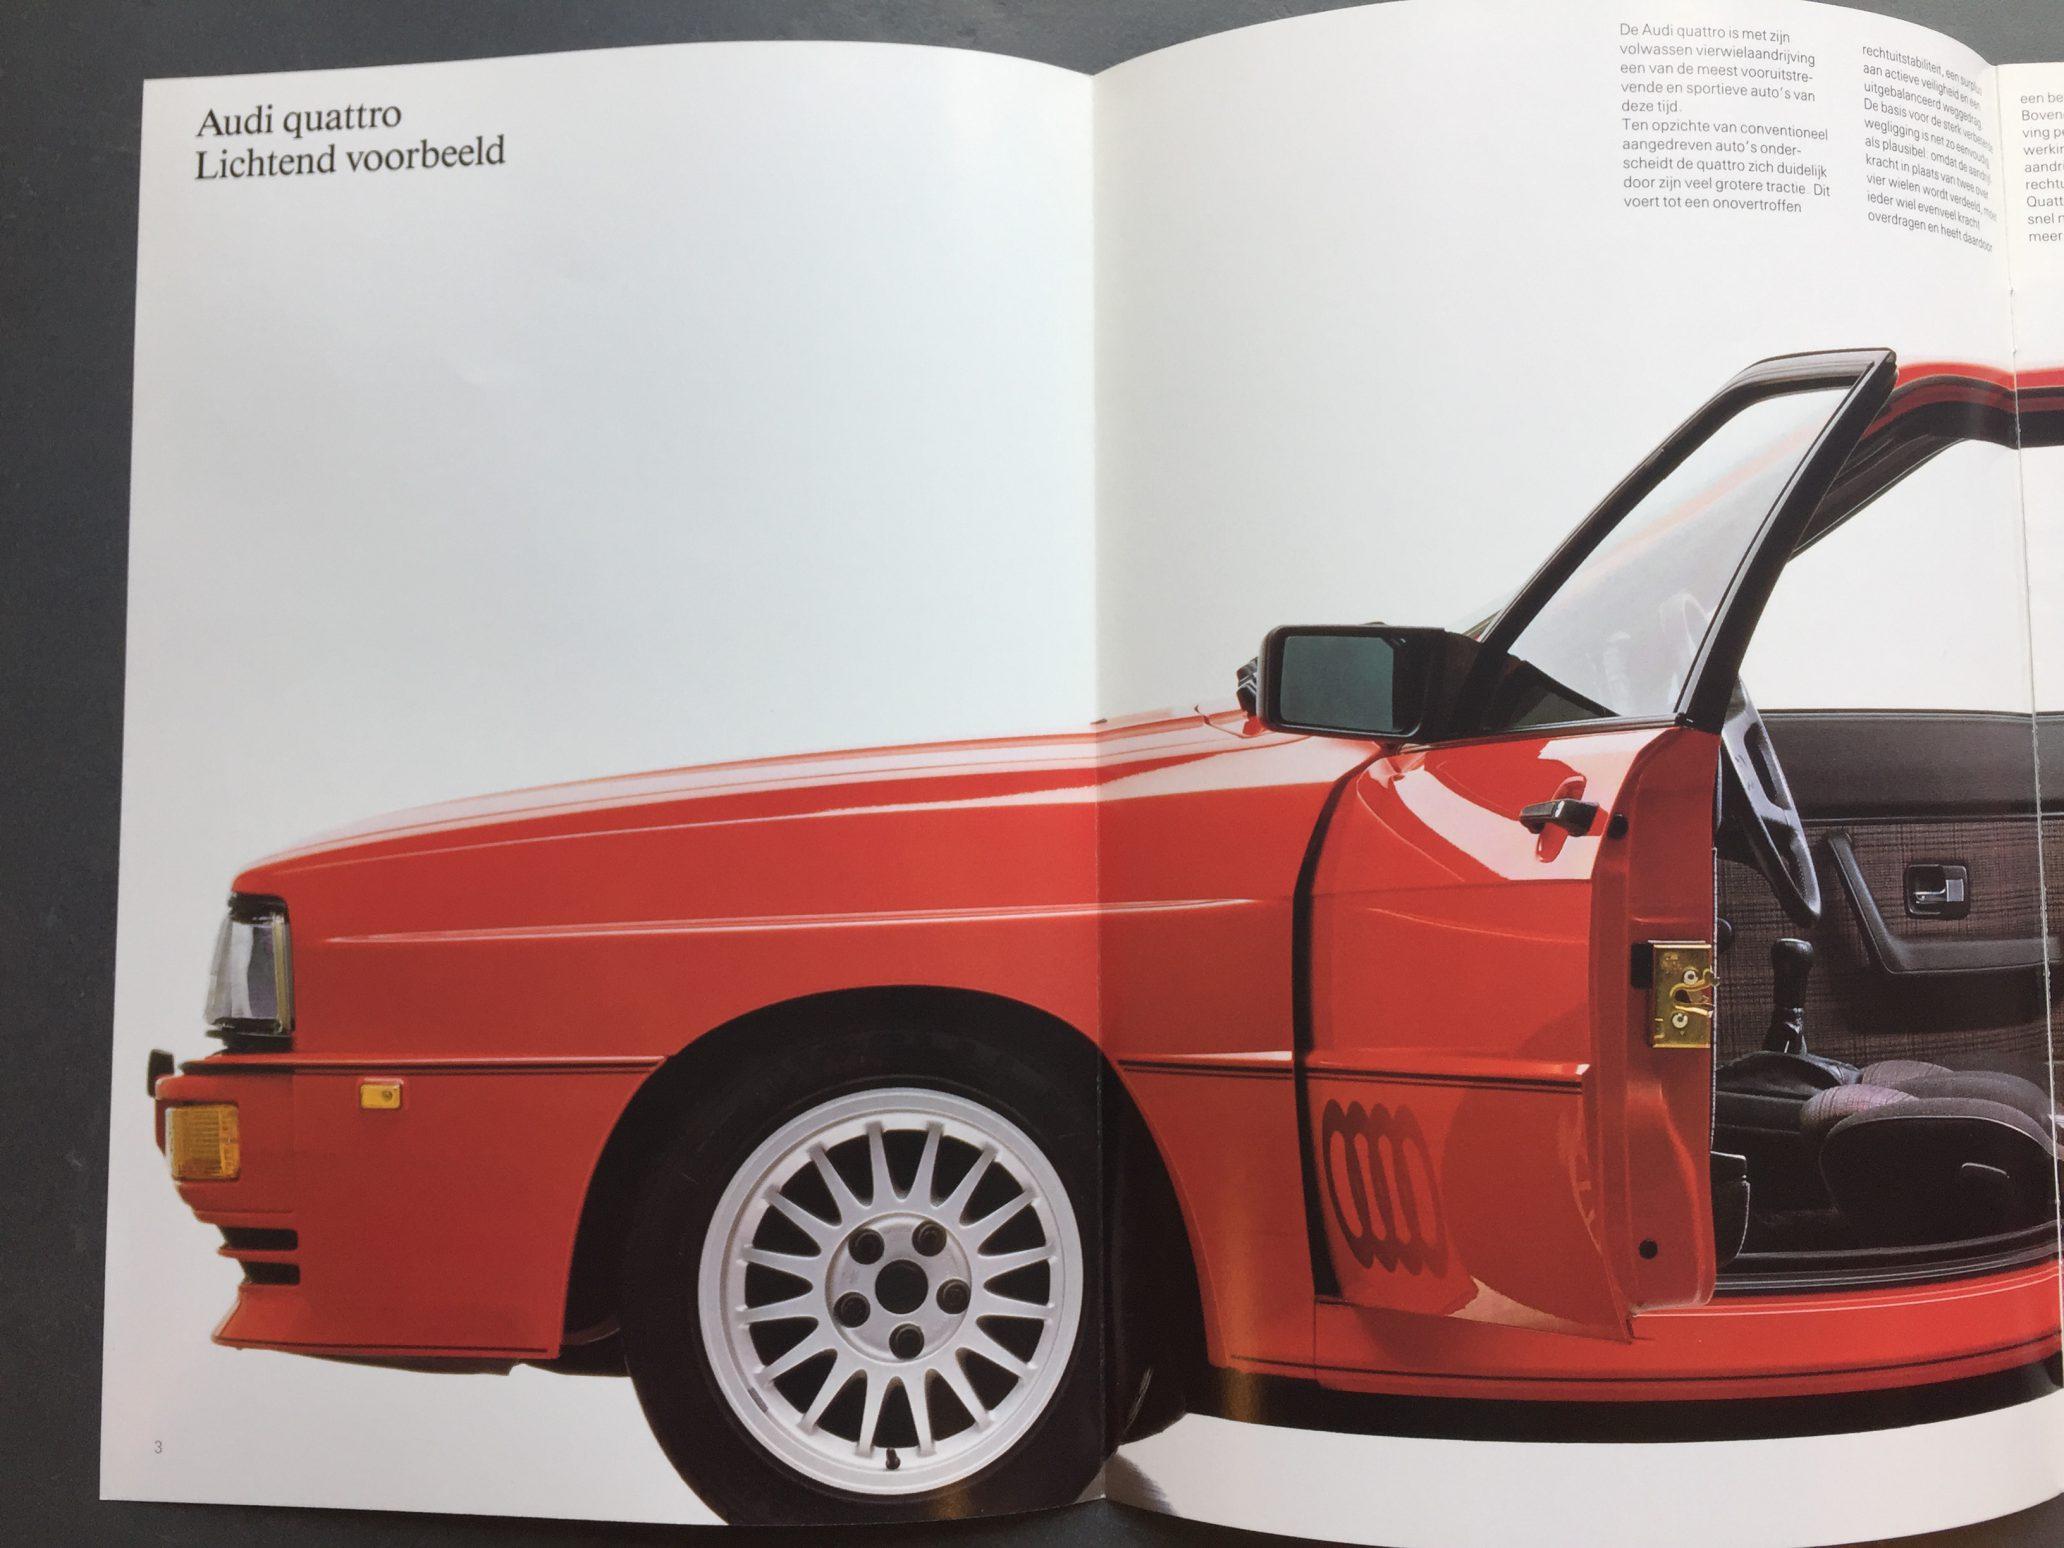 Autofolder autobrochure Audi Quattro